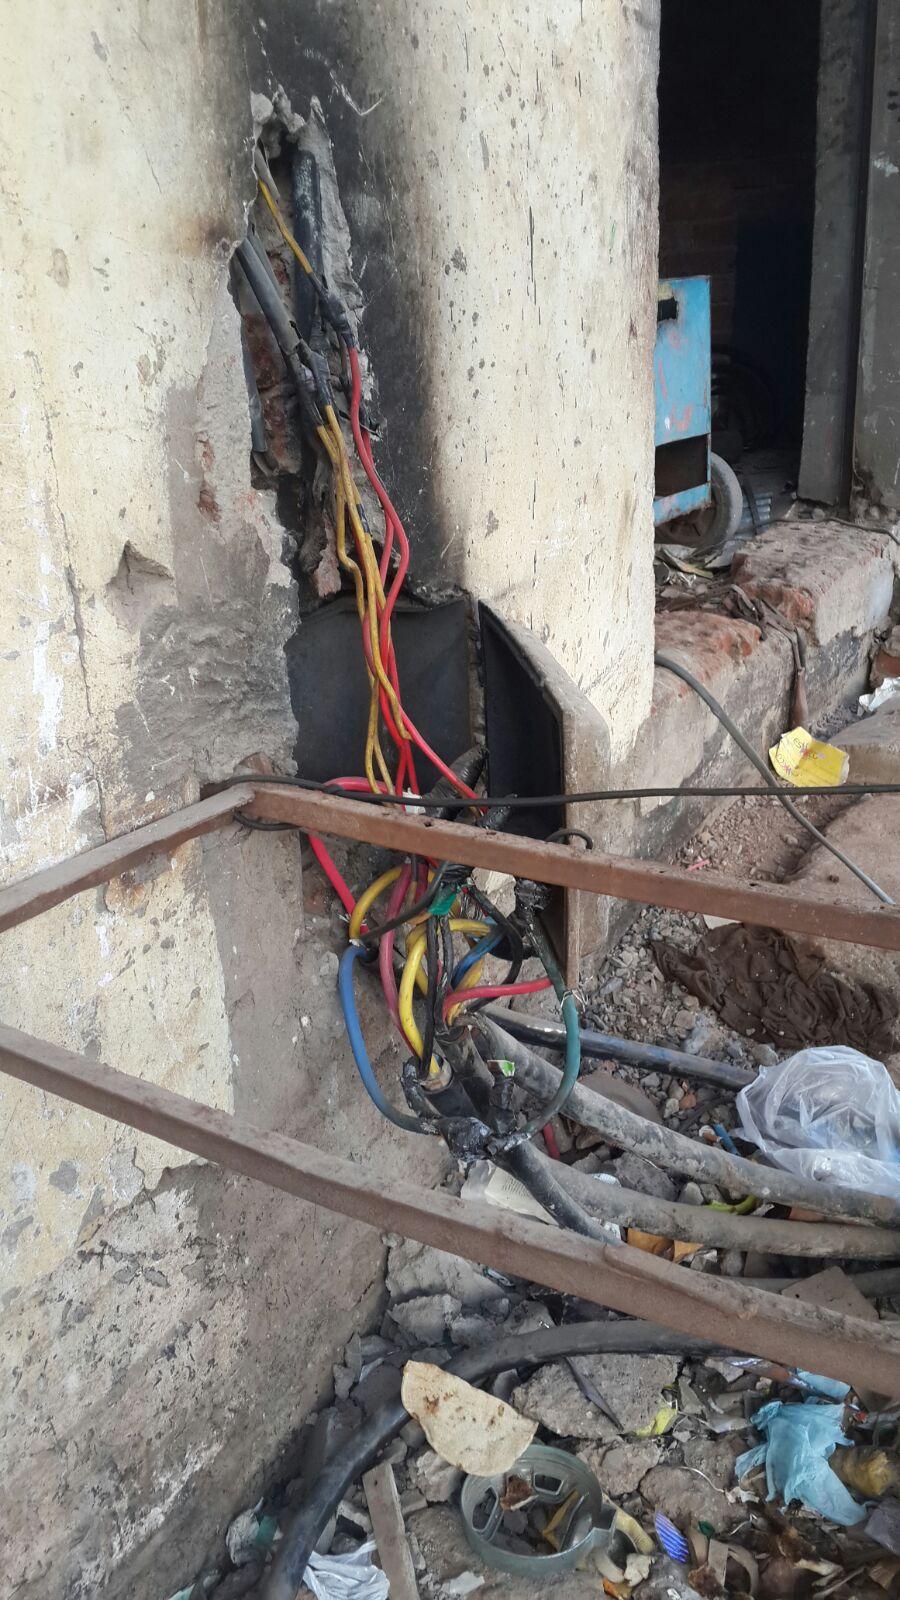 بالصور.. كابلات كهرباء مكشوفة في الغردقة تهدد حياة المواطنين